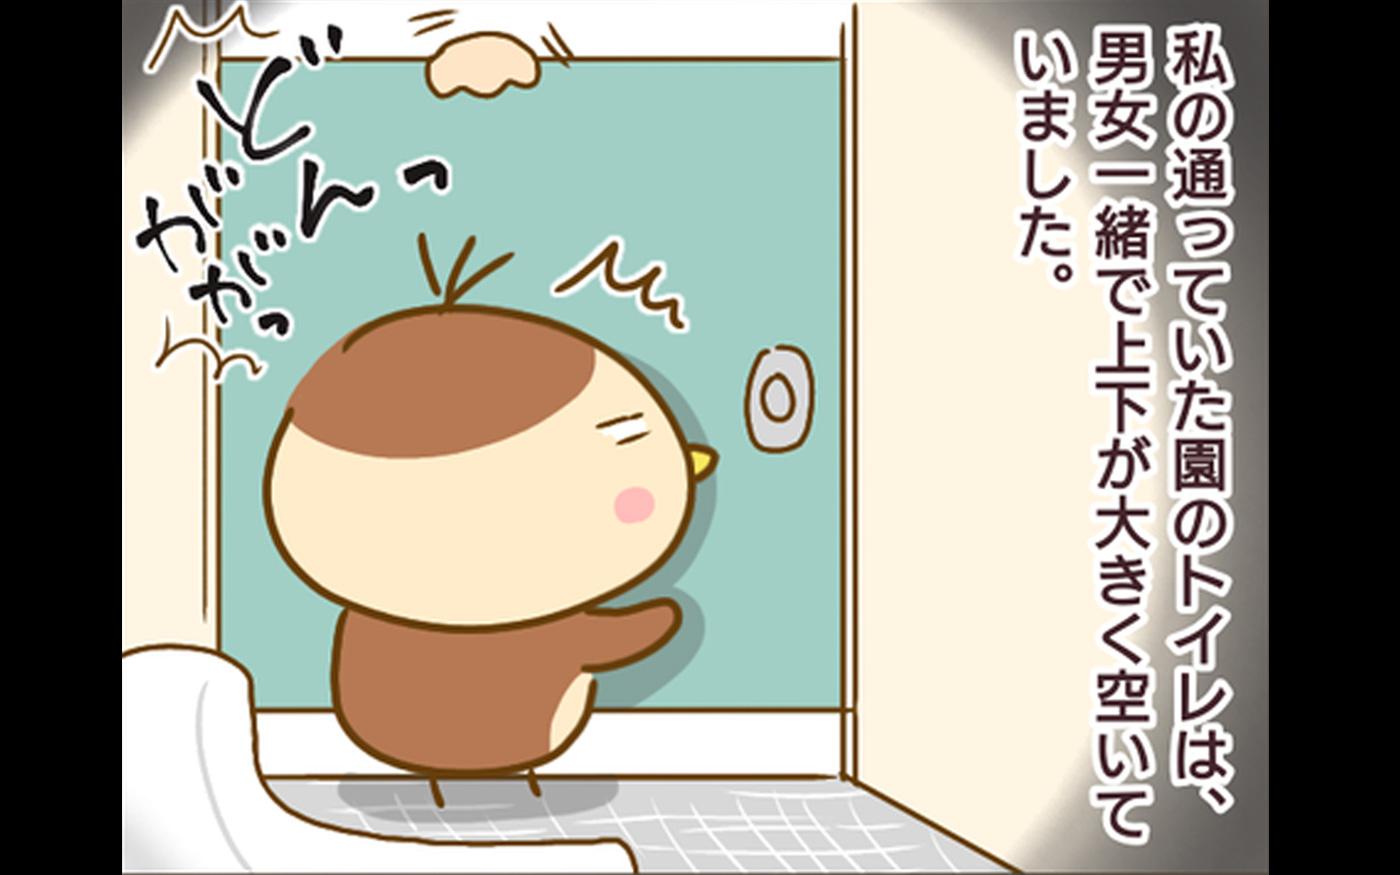 いじめがエスカレート! ついにトイレまで覗かれるように…